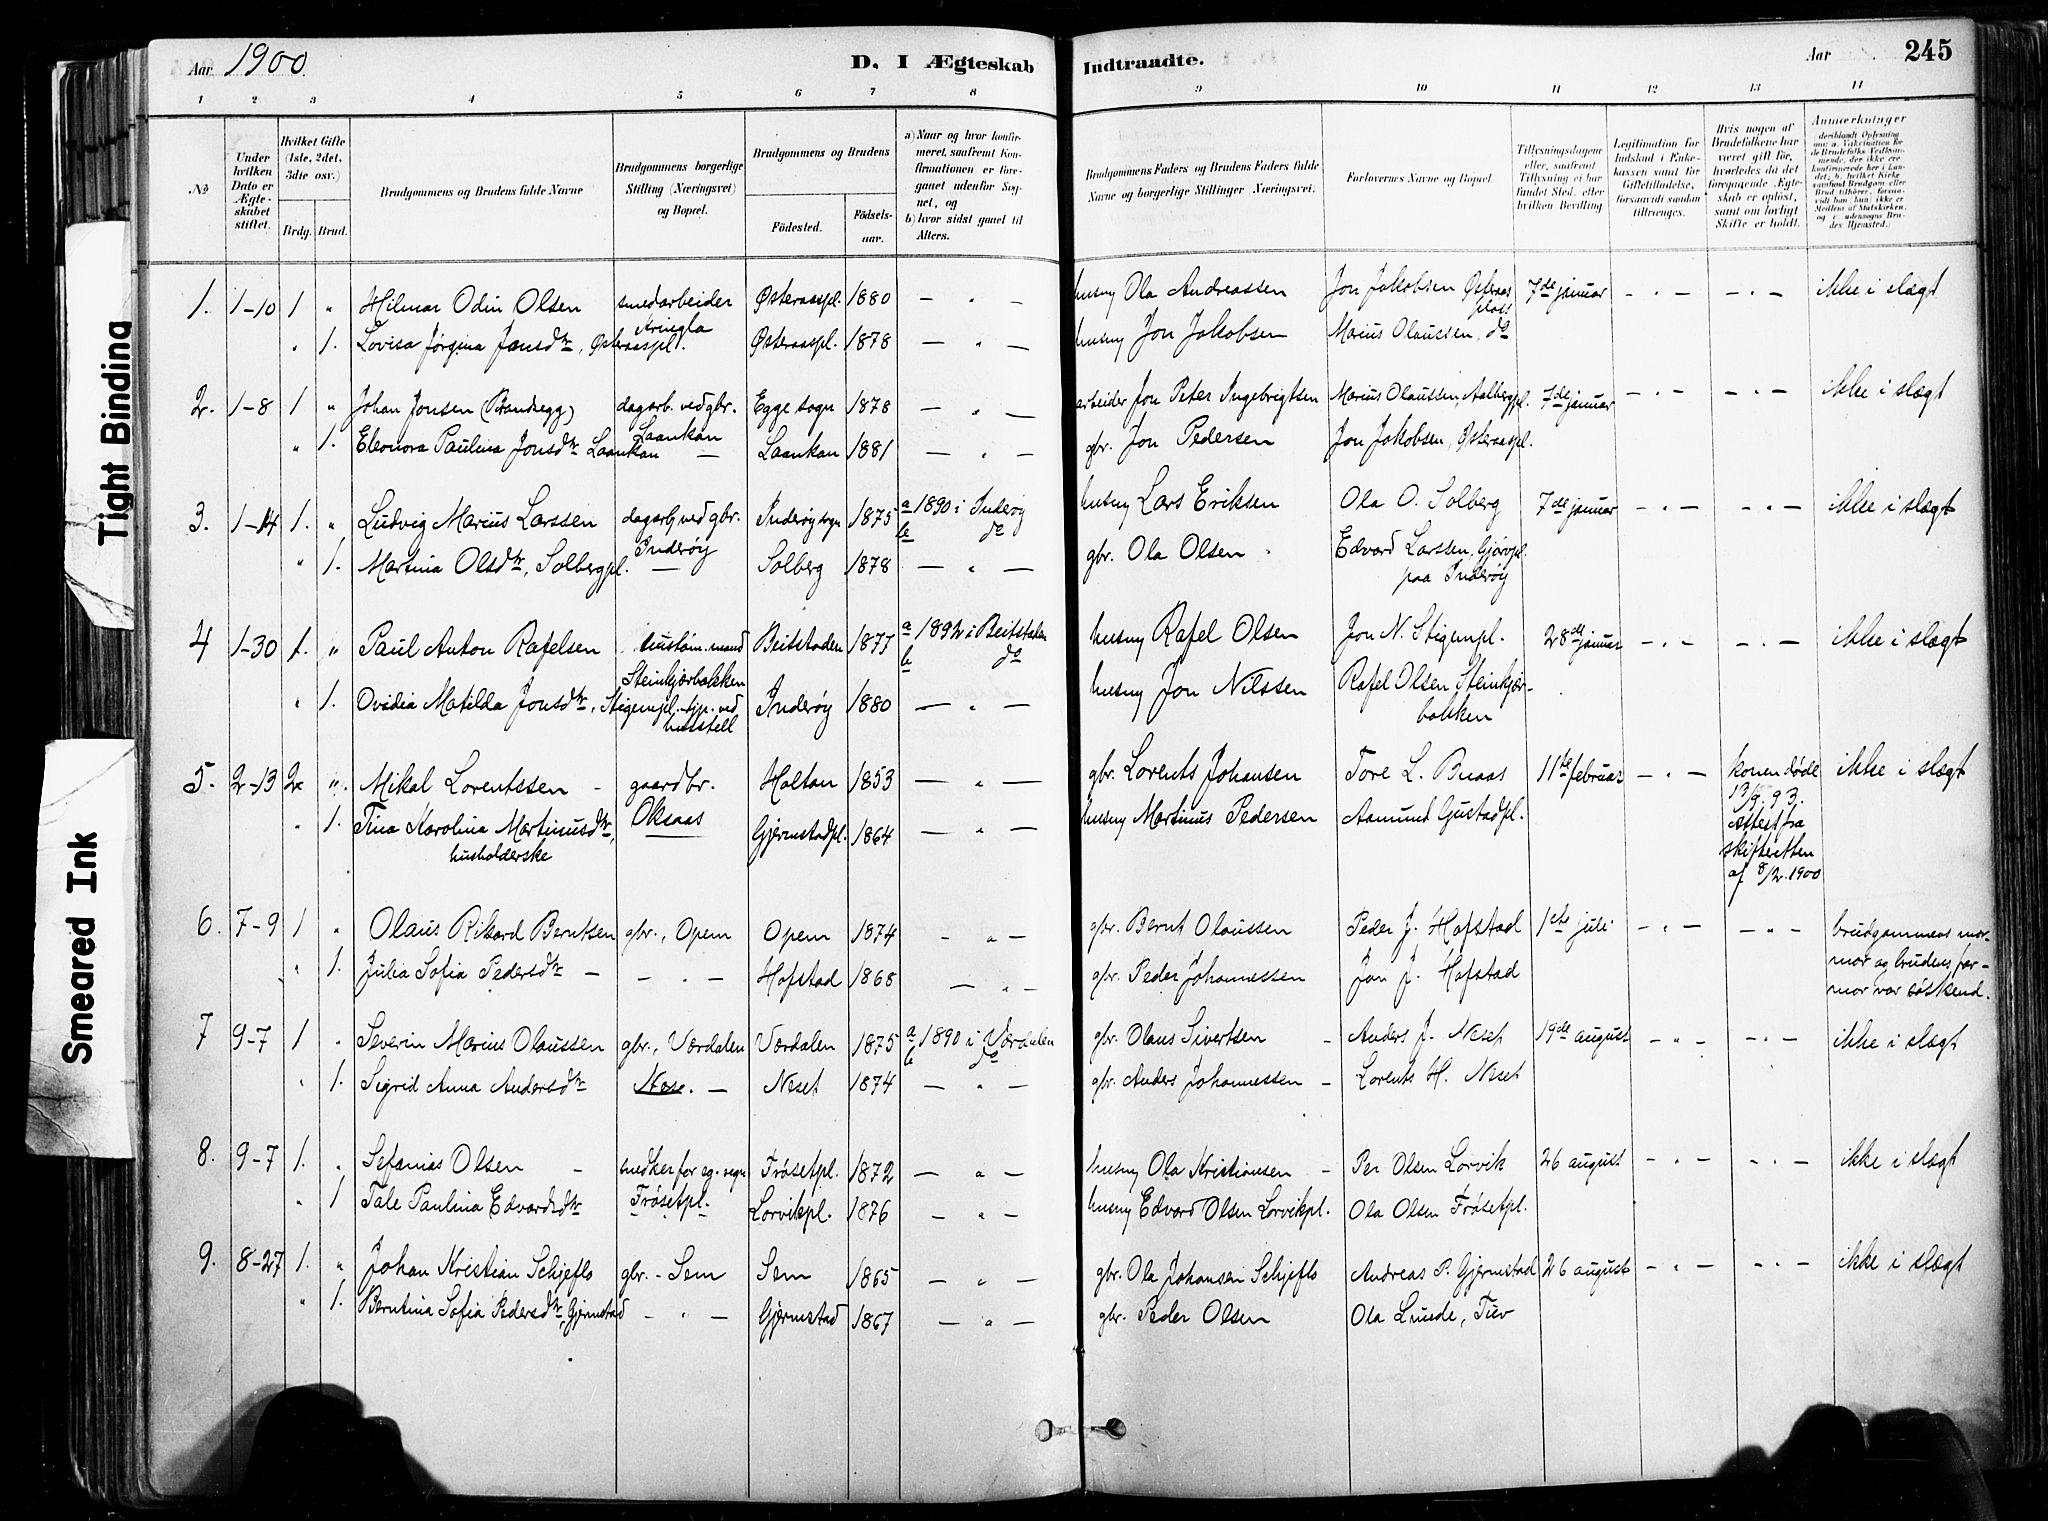 SAT, Ministerialprotokoller, klokkerbøker og fødselsregistre - Nord-Trøndelag, 735/L0351: Ministerialbok nr. 735A10, 1884-1908, s. 245